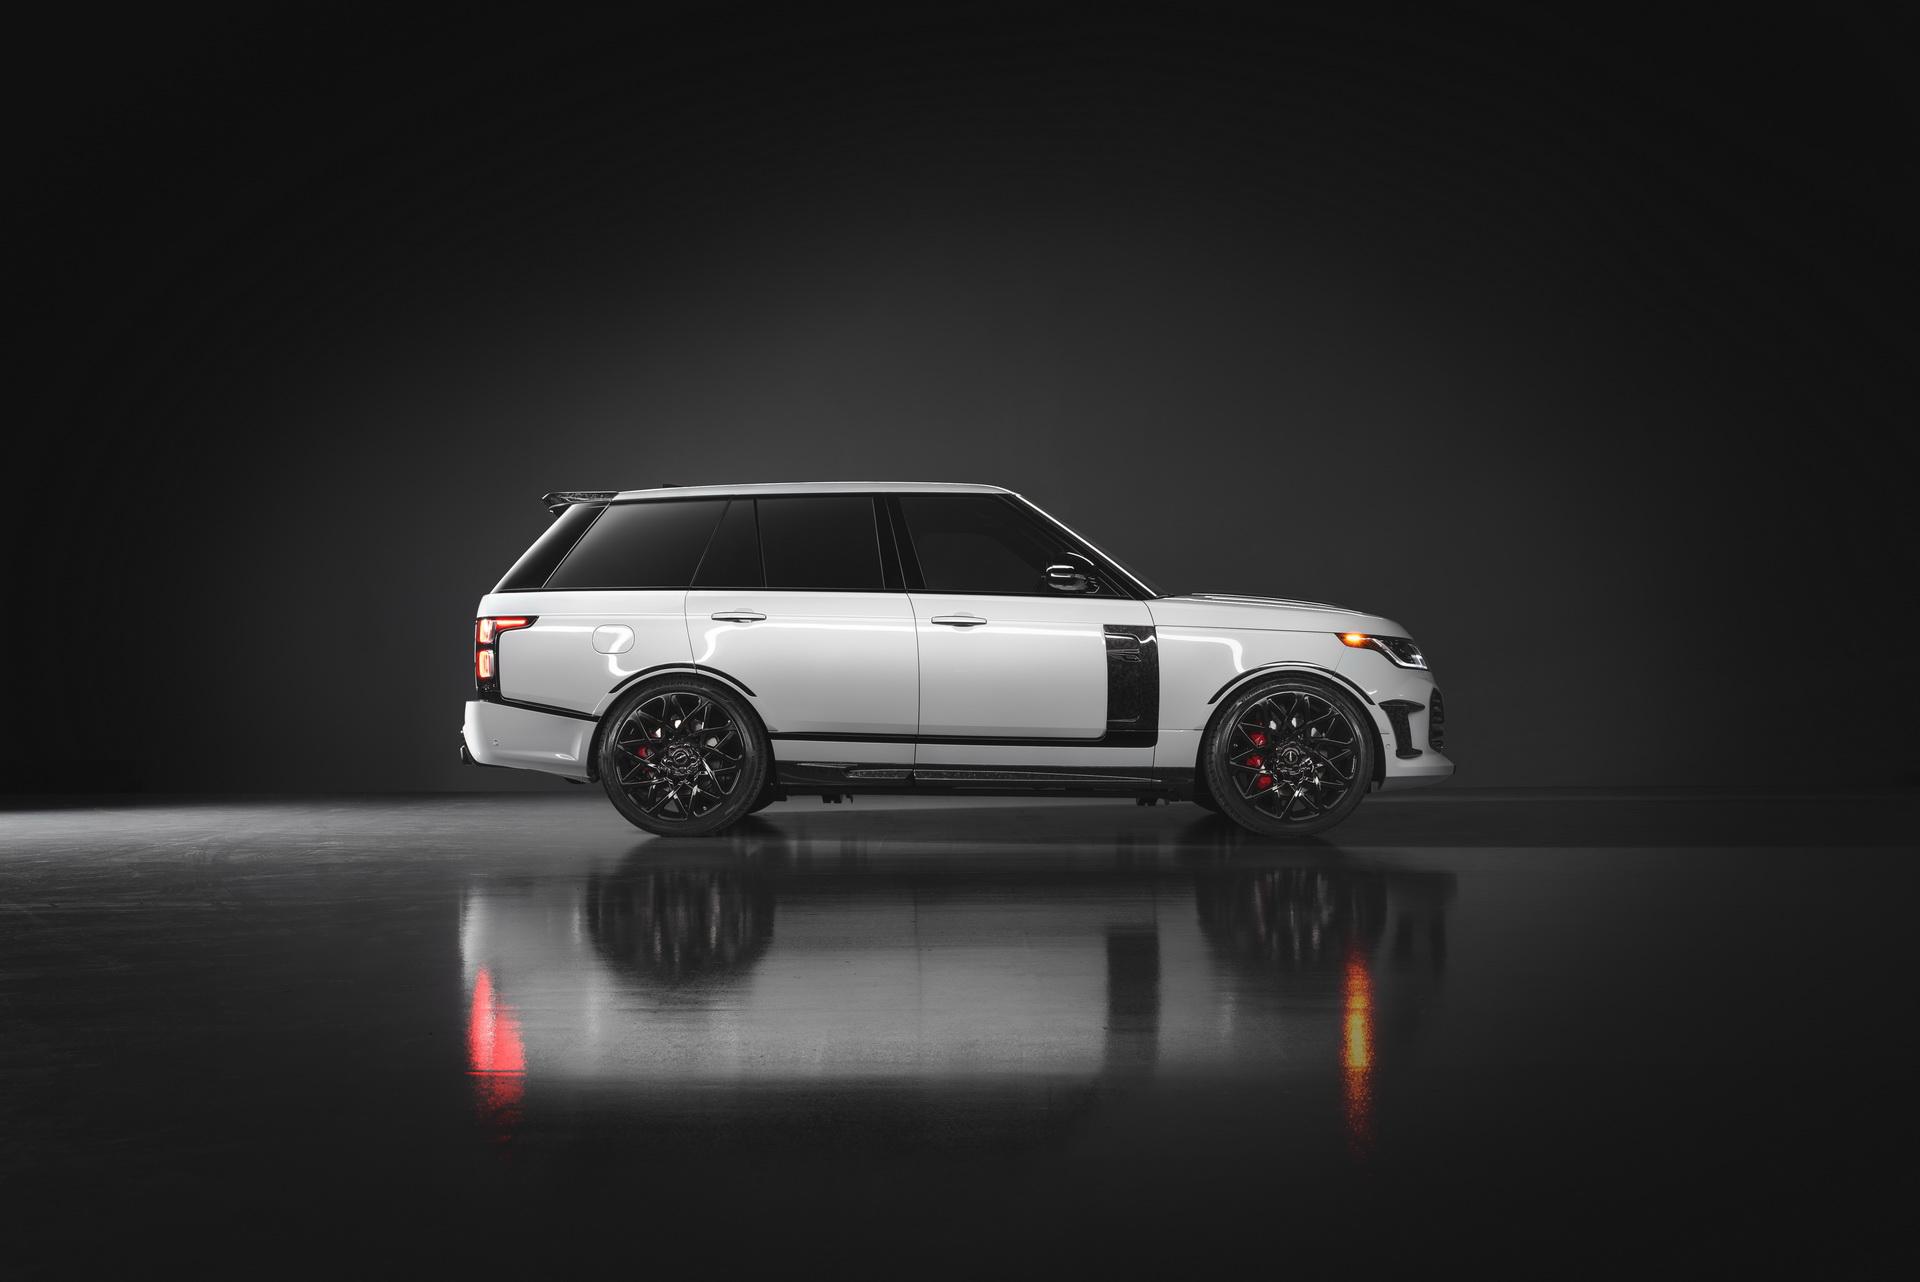 Тюнер Overfinch уже не раз дорабатывал Range Rover (на видео), а проект Velocity Final Edition – последняя модификация на базе нынешнего поколения.